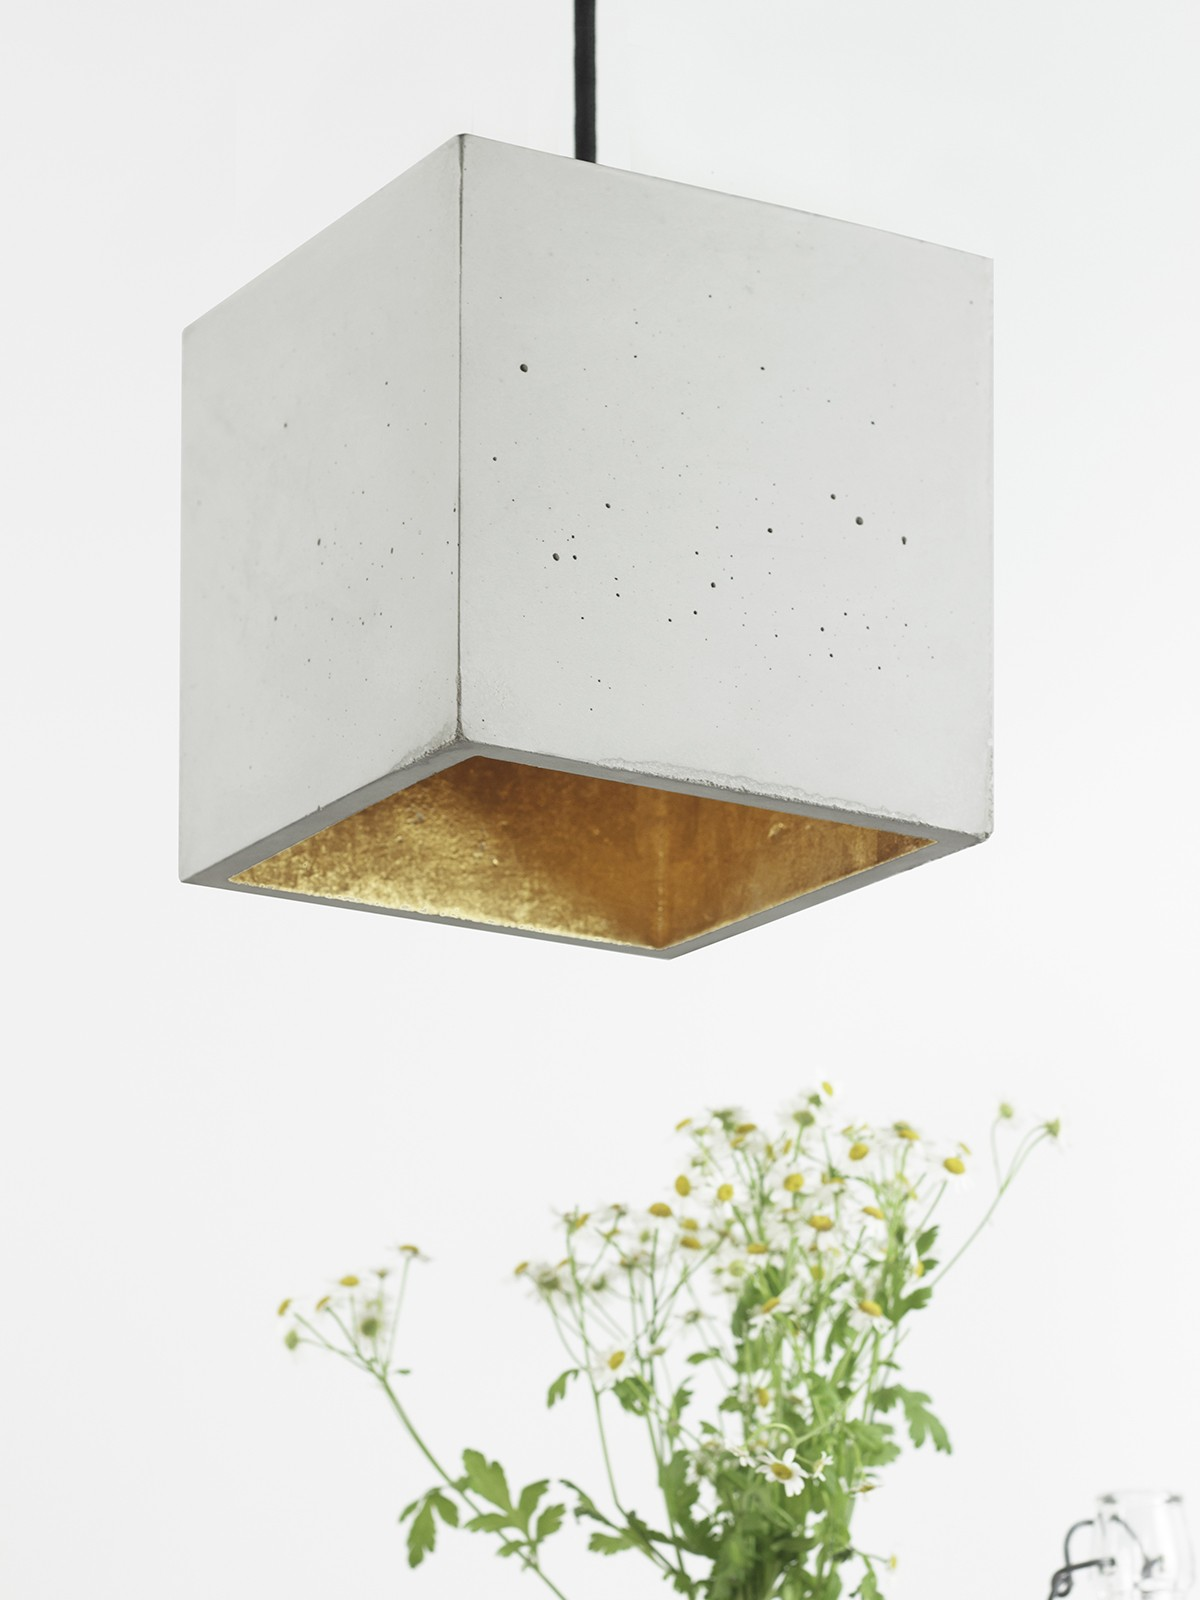 gantlights b5 h ngelampe quadratisch gro. Black Bedroom Furniture Sets. Home Design Ideas